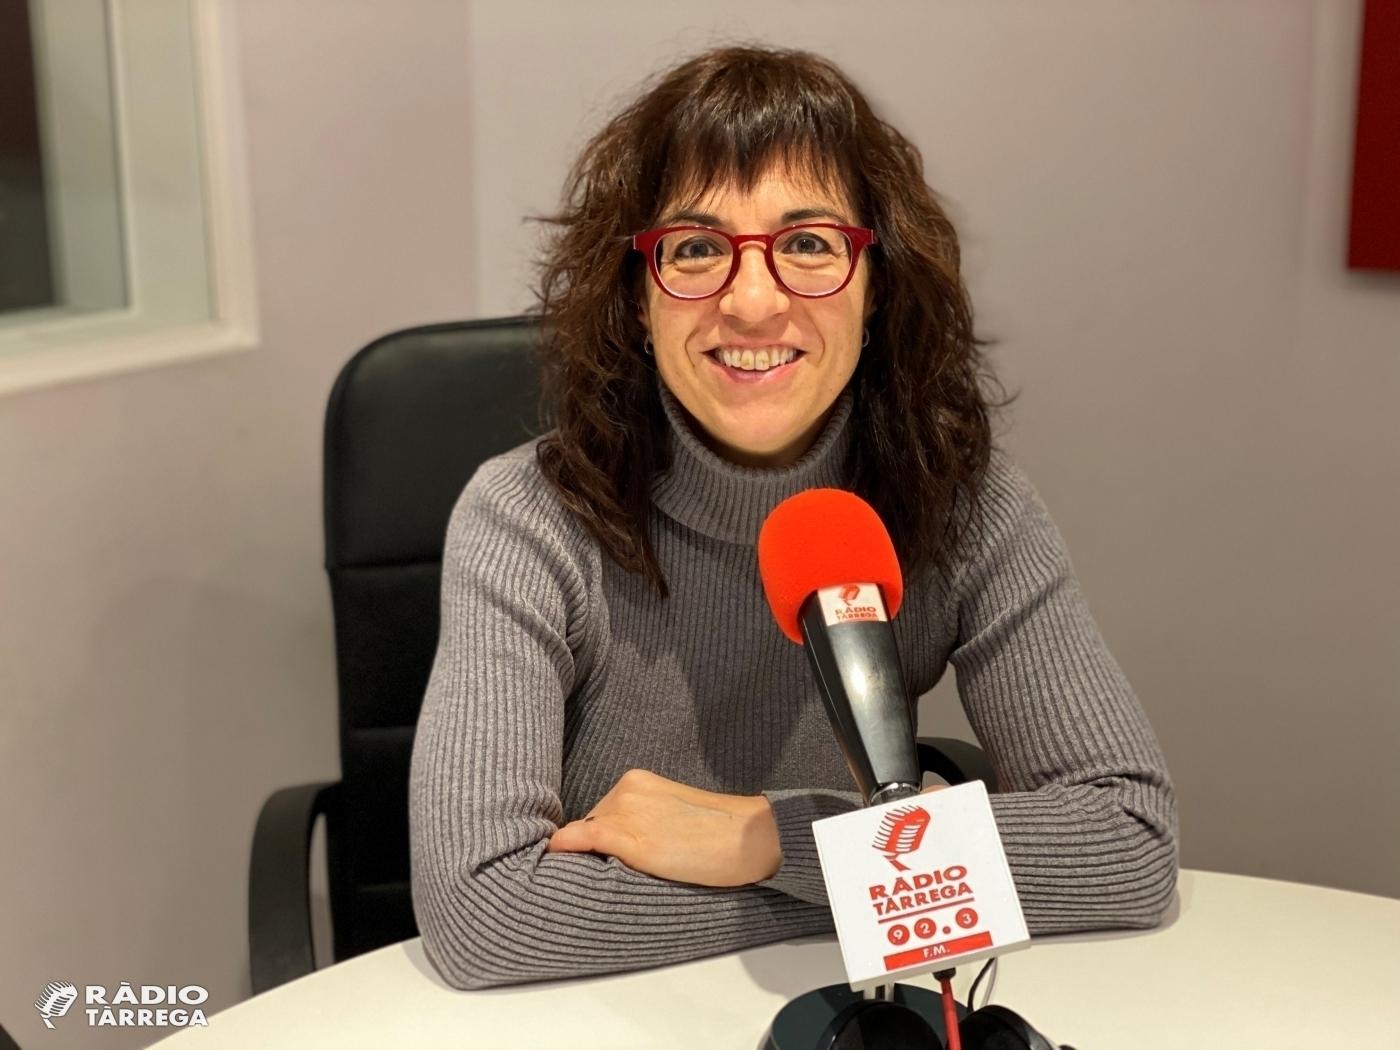 ÀUDIO L'alcaldessa de Tàrrega agraeix les donacions de material sanitari fetes per comunitats i particulars per fer front a la crisi sanitària